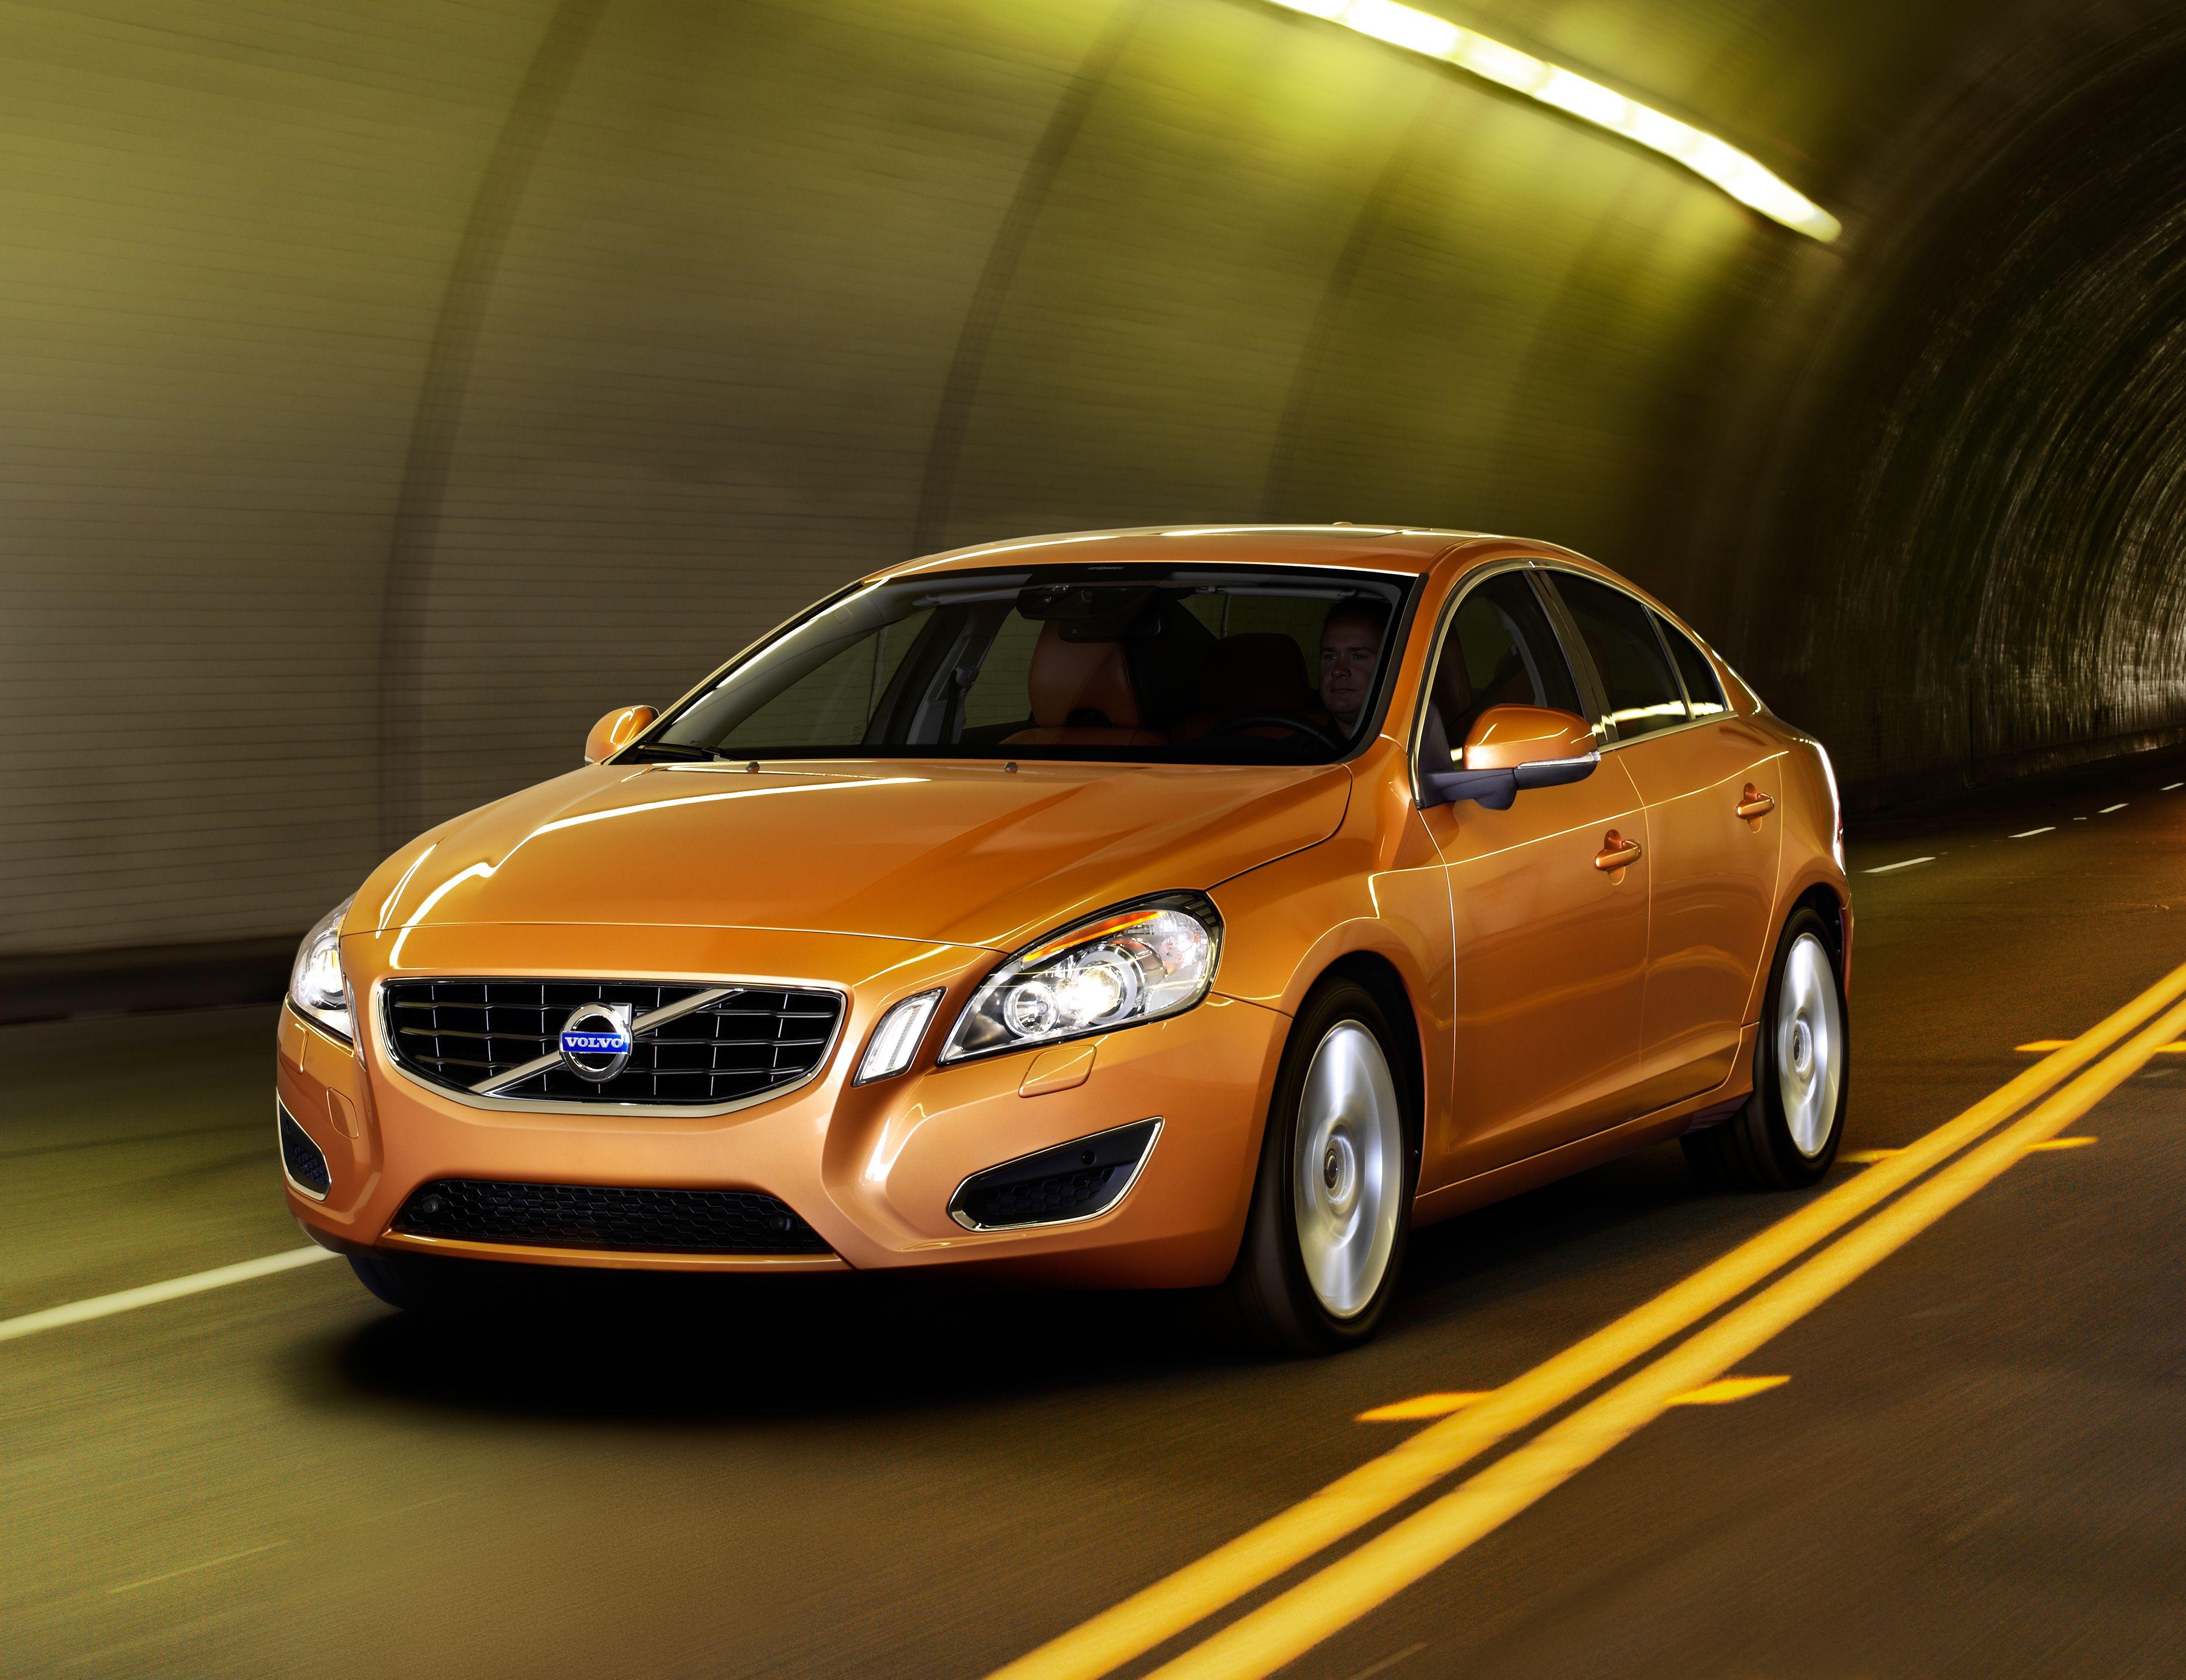 Nuova Volvo S60: tutte le immagini ufficiali del model year 2011